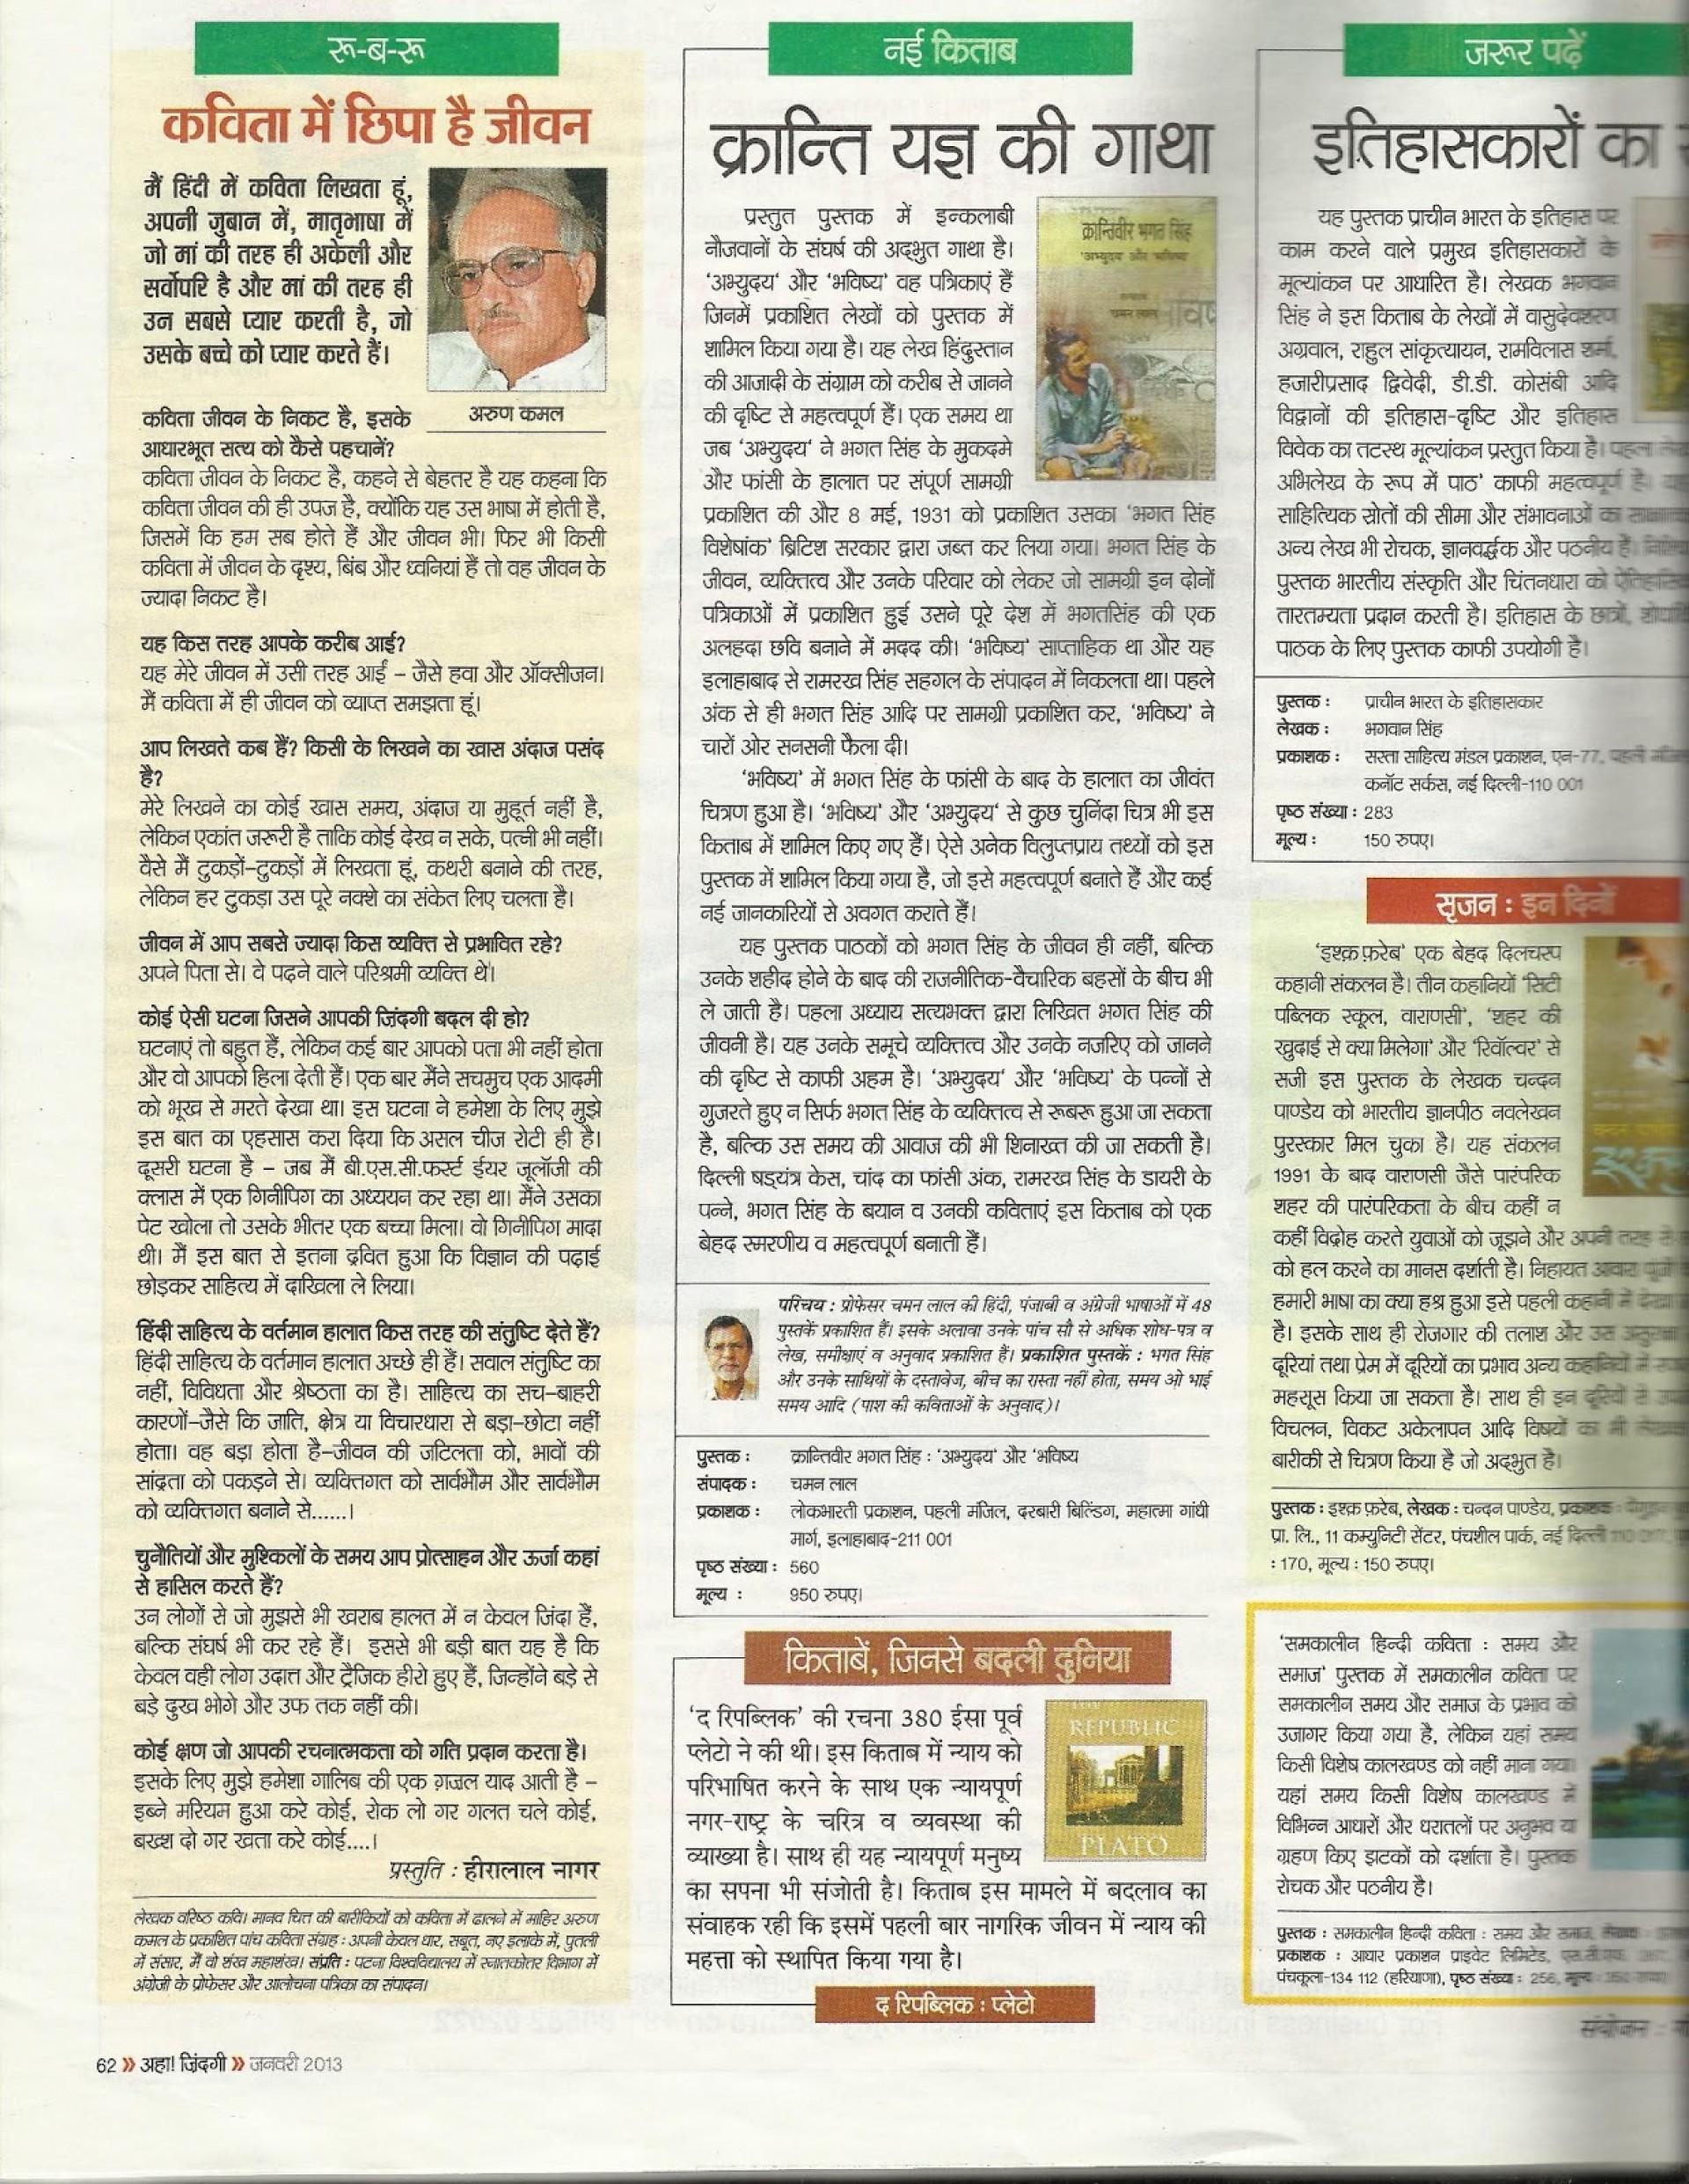 024 Essay Example On Bhagat Singh In Marathi Ahazindagi Jan Unique Short 100 Words 1920